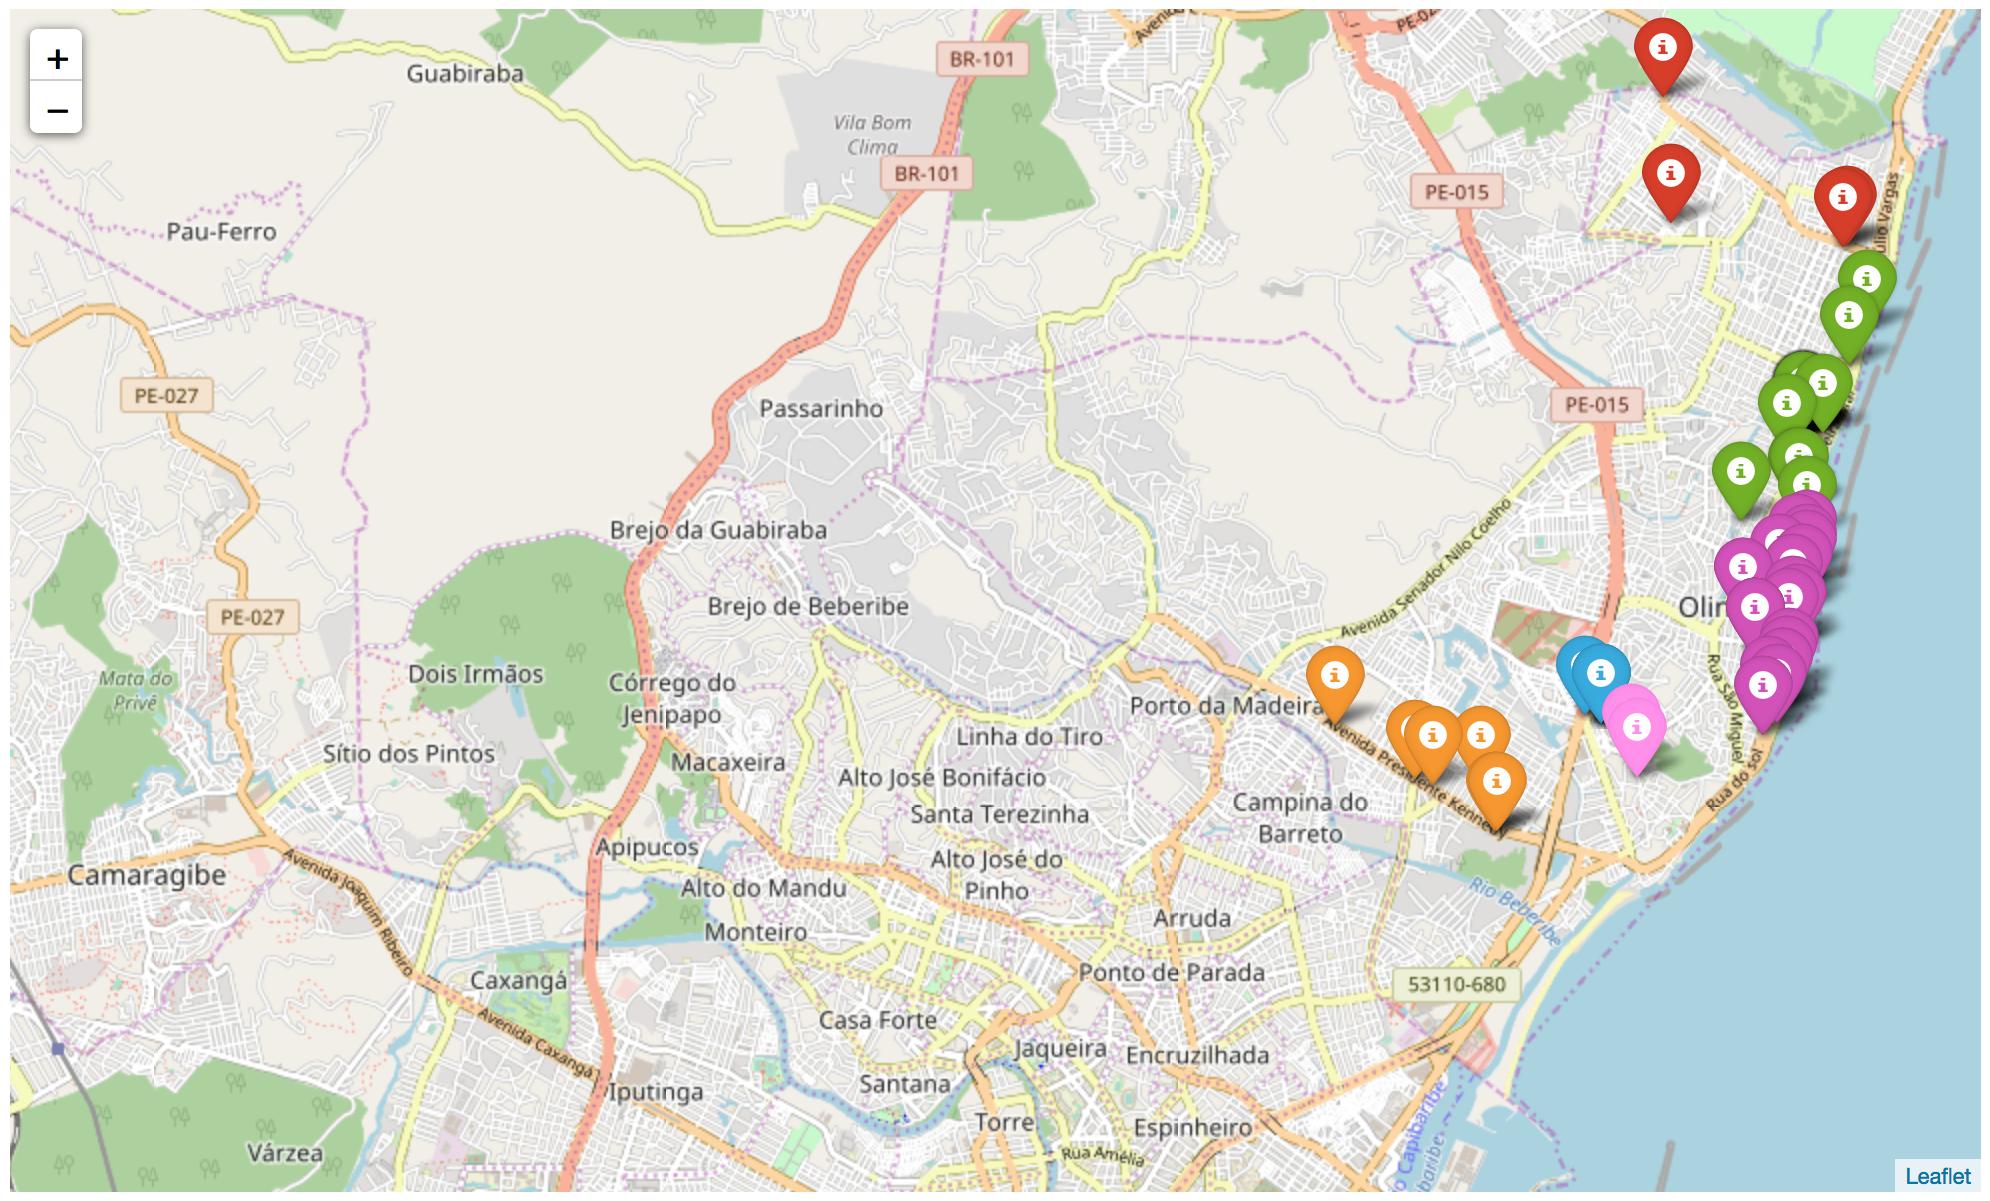 mapa de Olinda com algumas empresas e pins coloridos